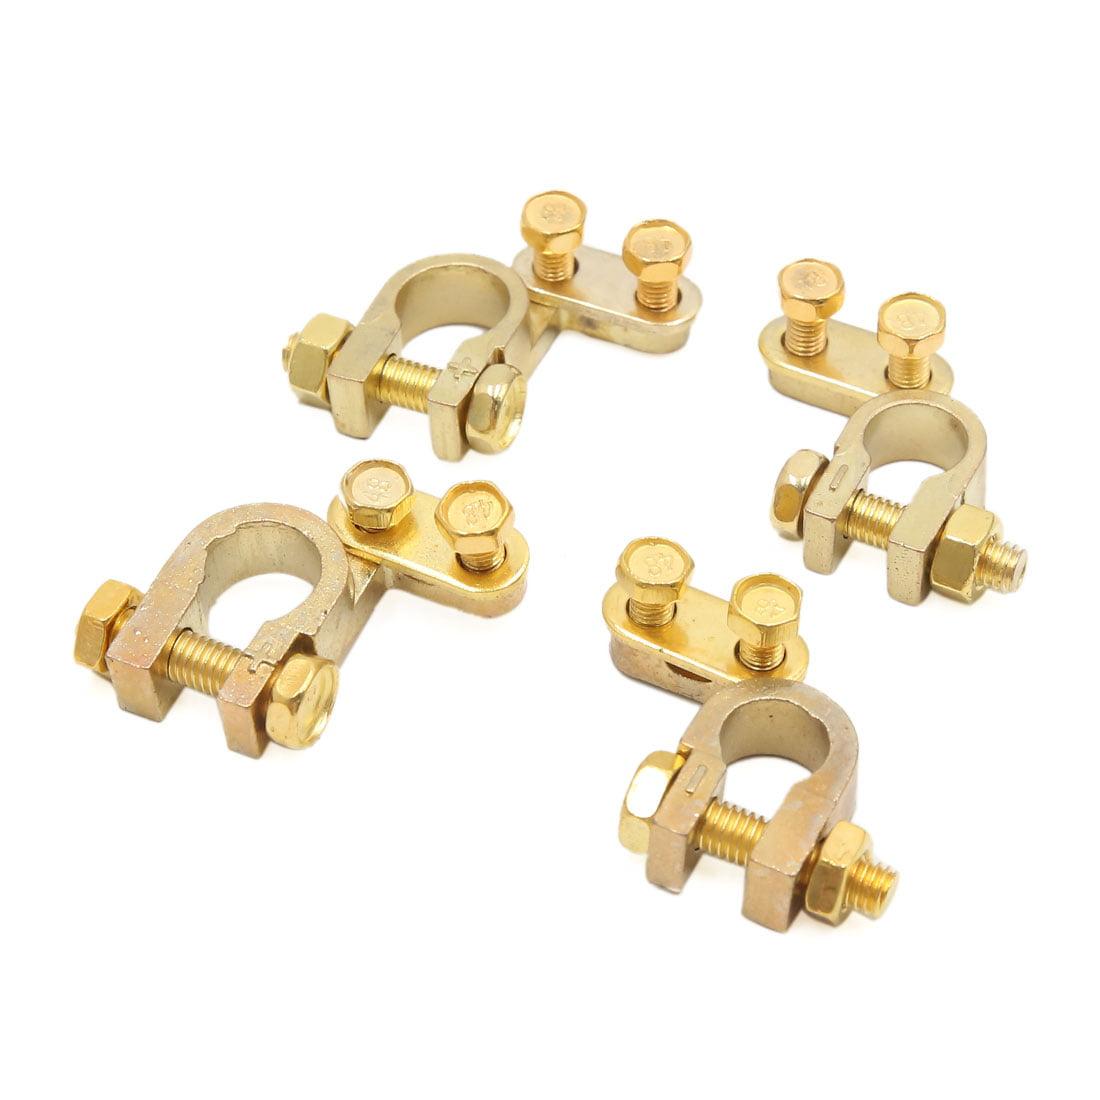 4Pc alliage cuivre doré positive négative batterie Connecteur colliers - image 2 de 2